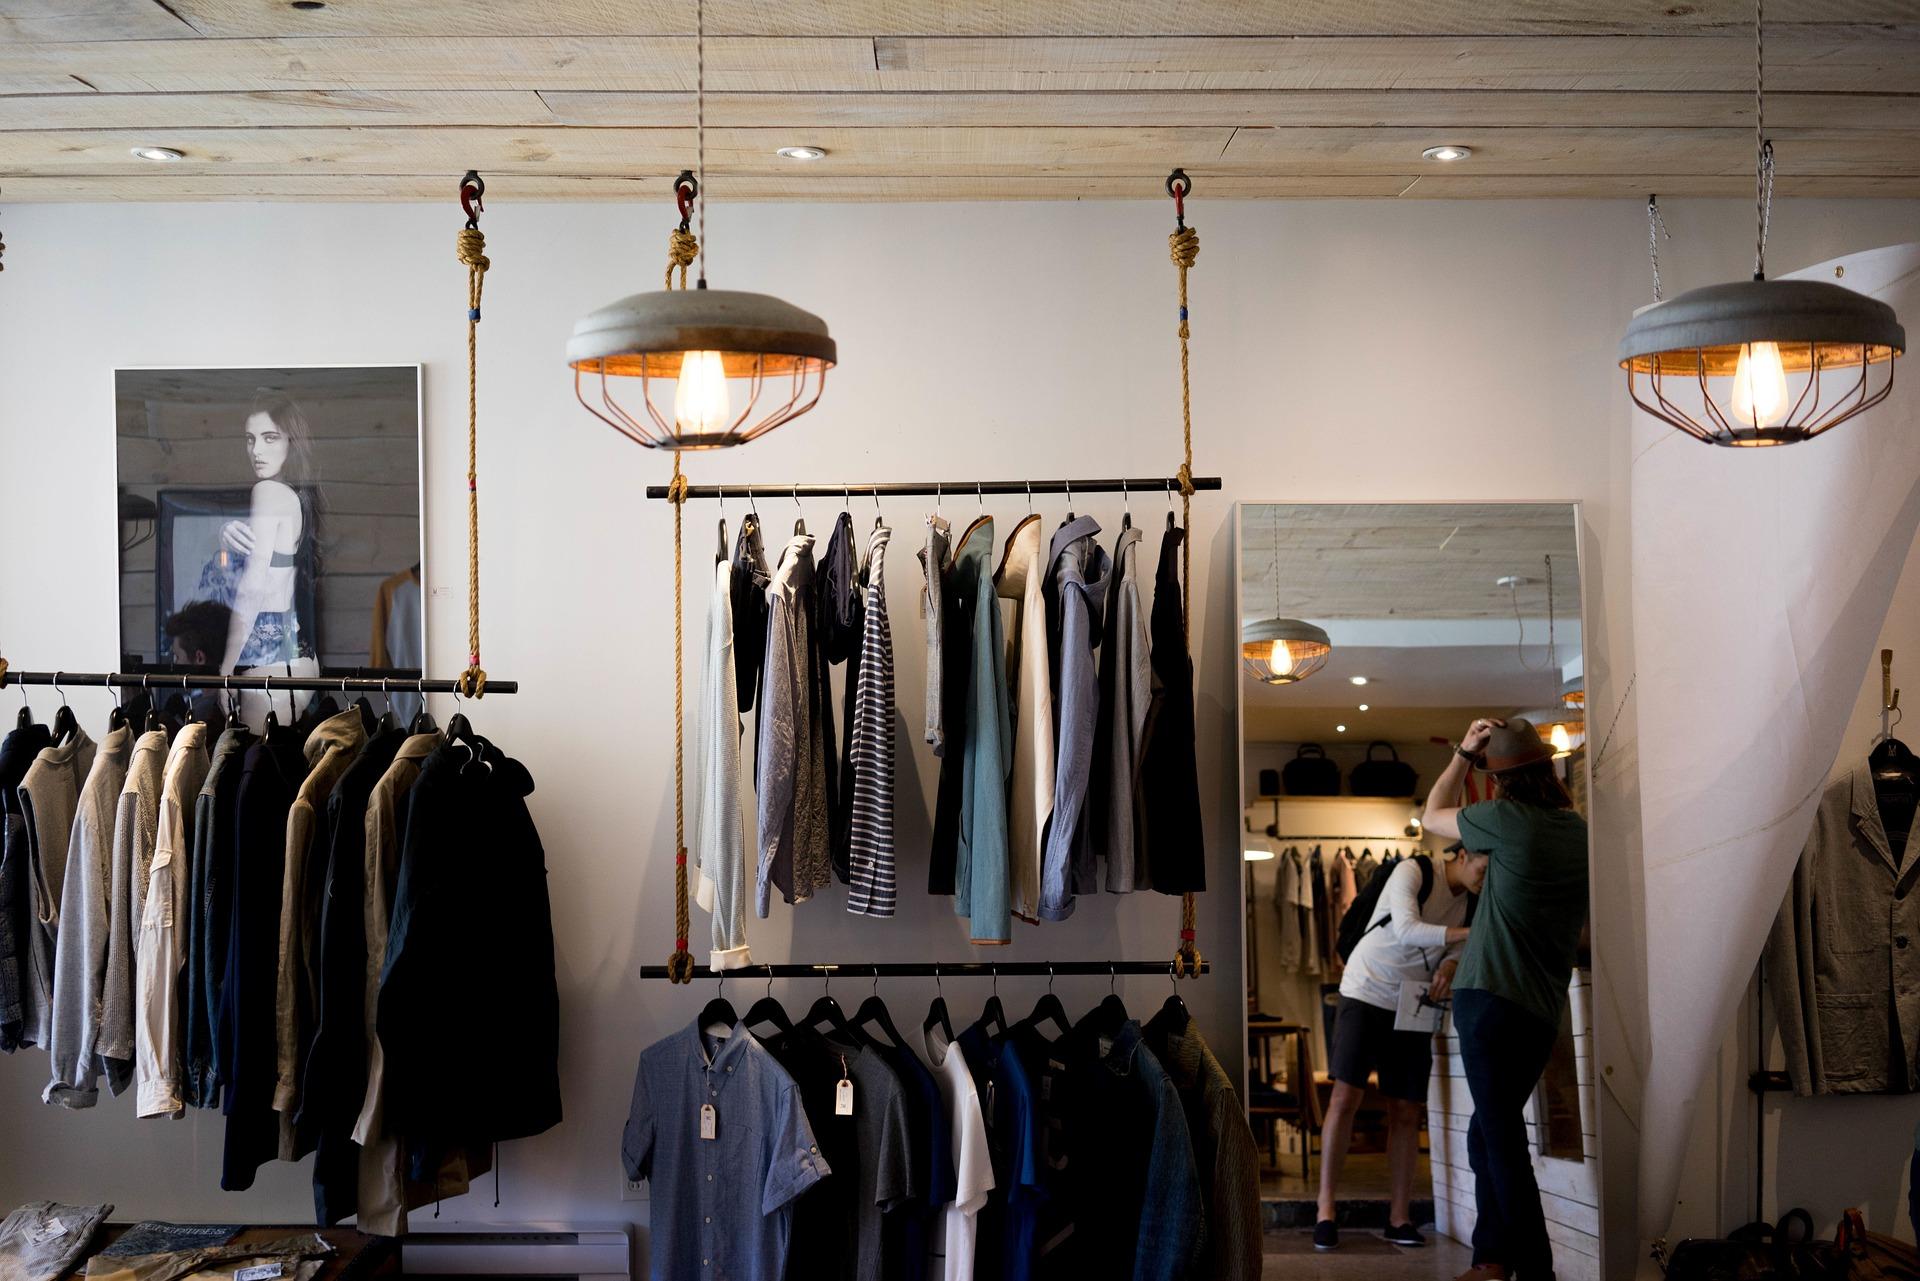 Warenpräsentation & Ladengestaltung im Einzelhandel